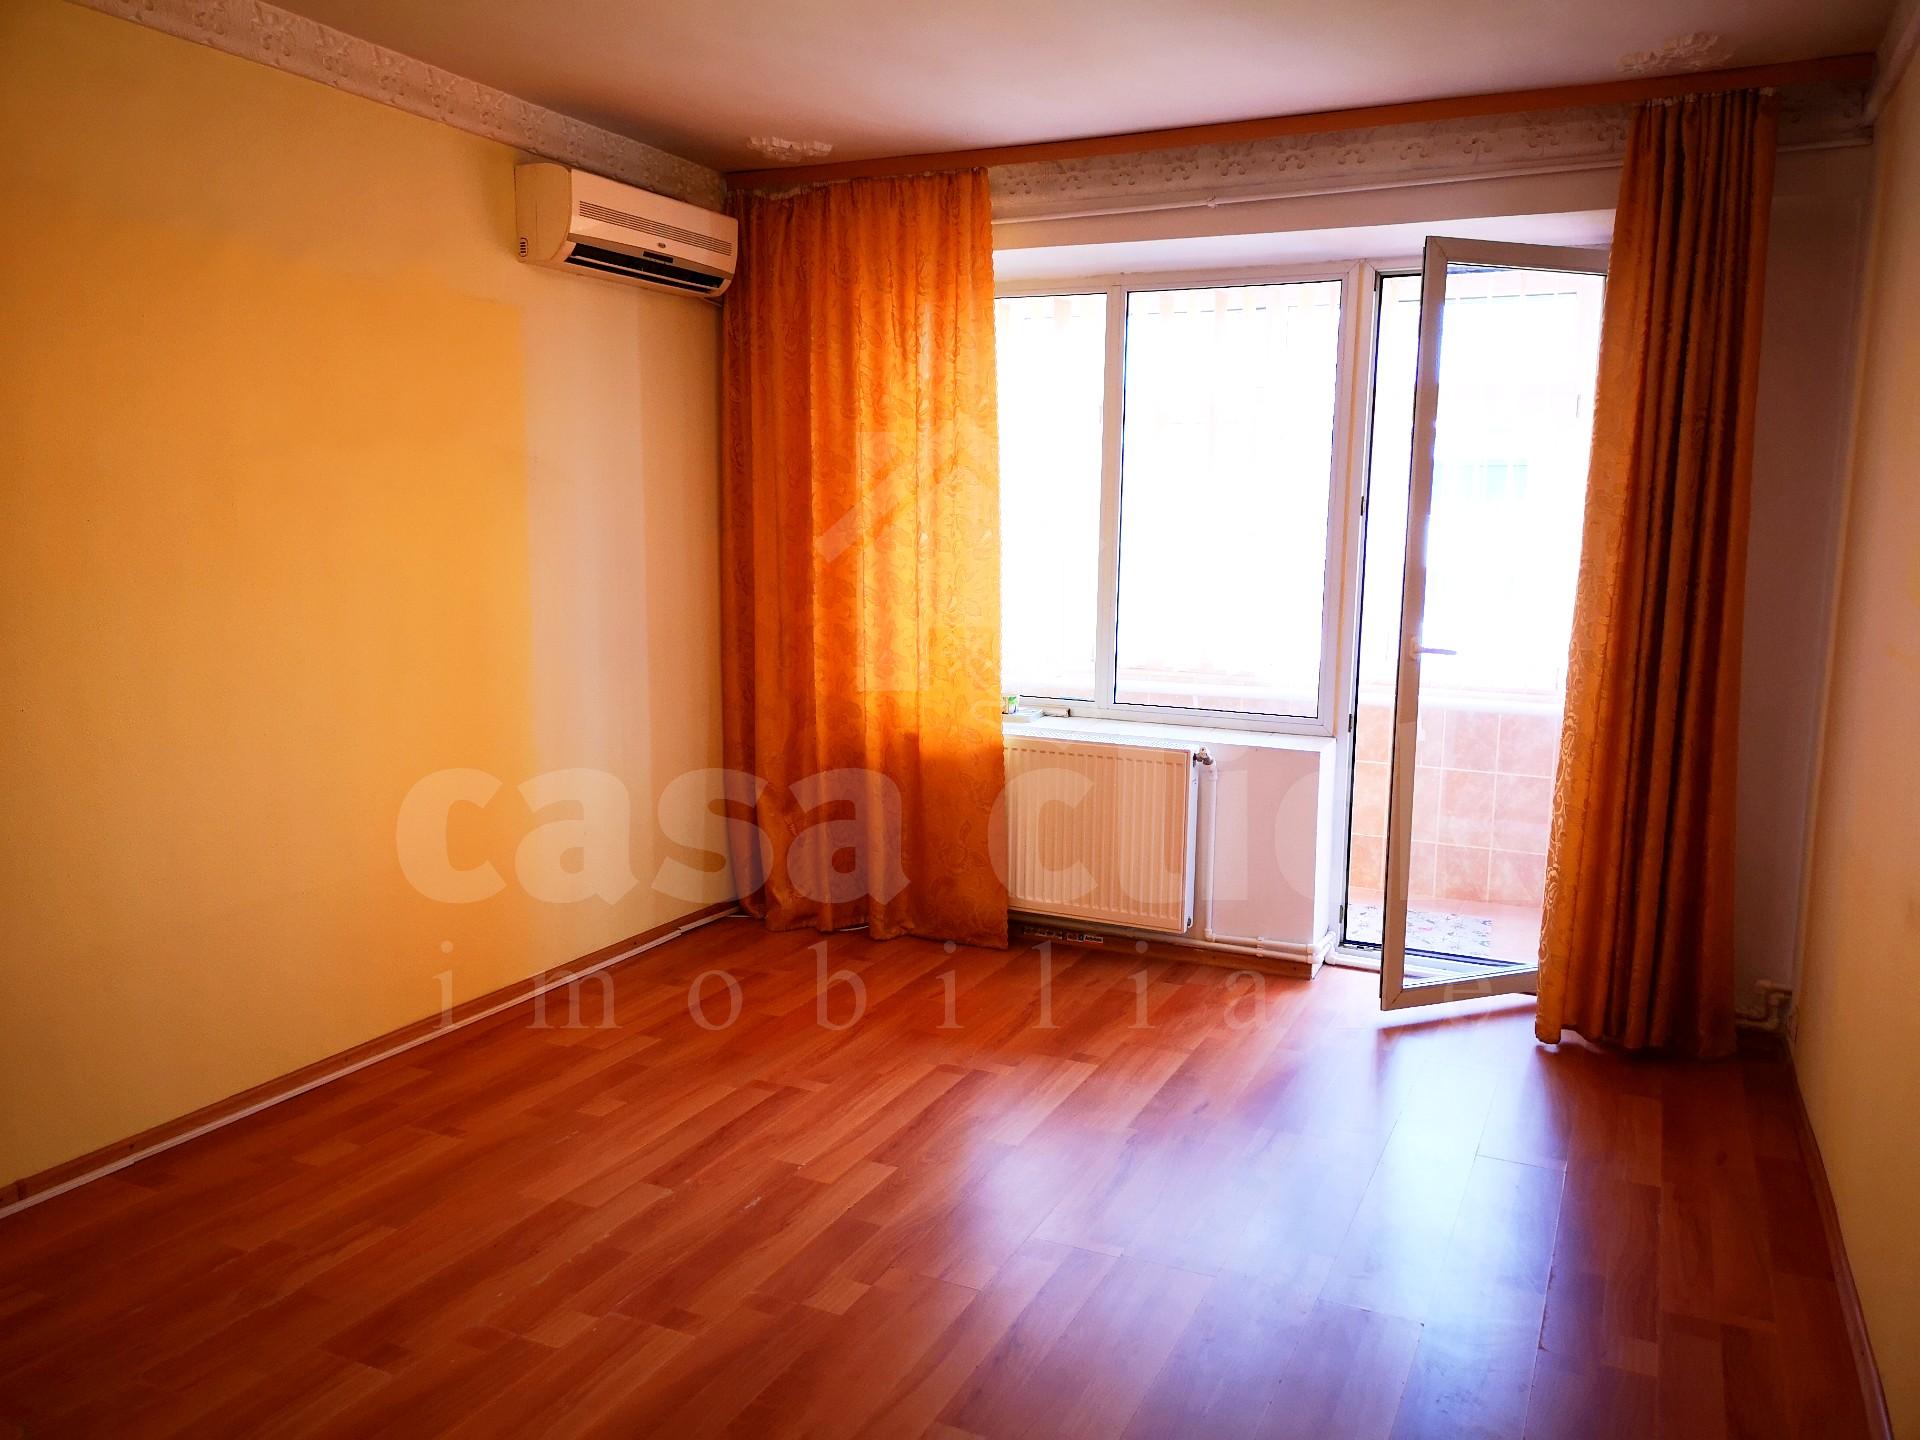 Apartament 3 camere, ultracentral, priveliste unica